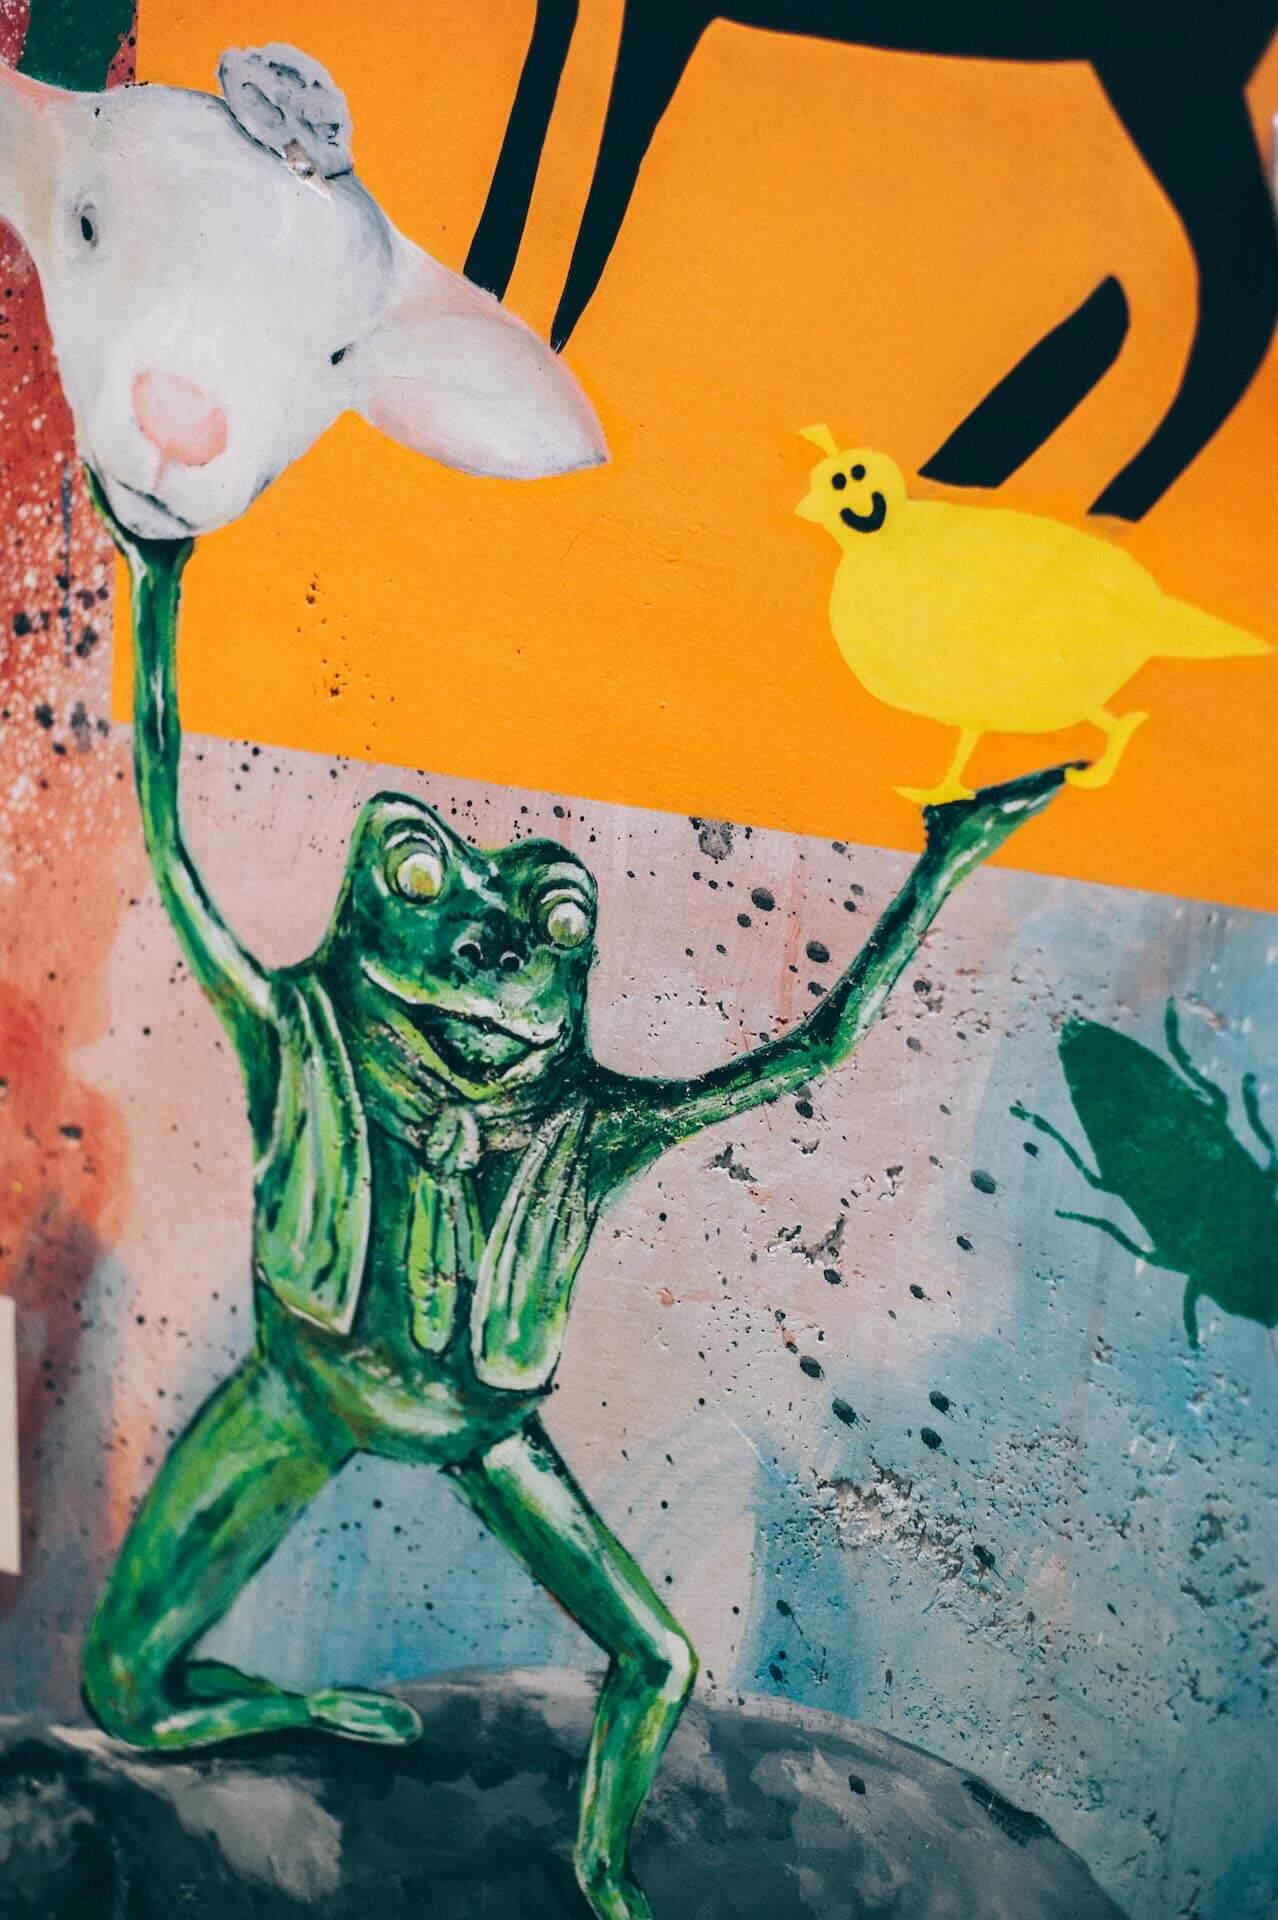 新生渋谷PARCOのカオスなフードエリア「CHAOS KITCHEN」注目の3店舗をピックアップ lfefashion-20191122-parco-8795